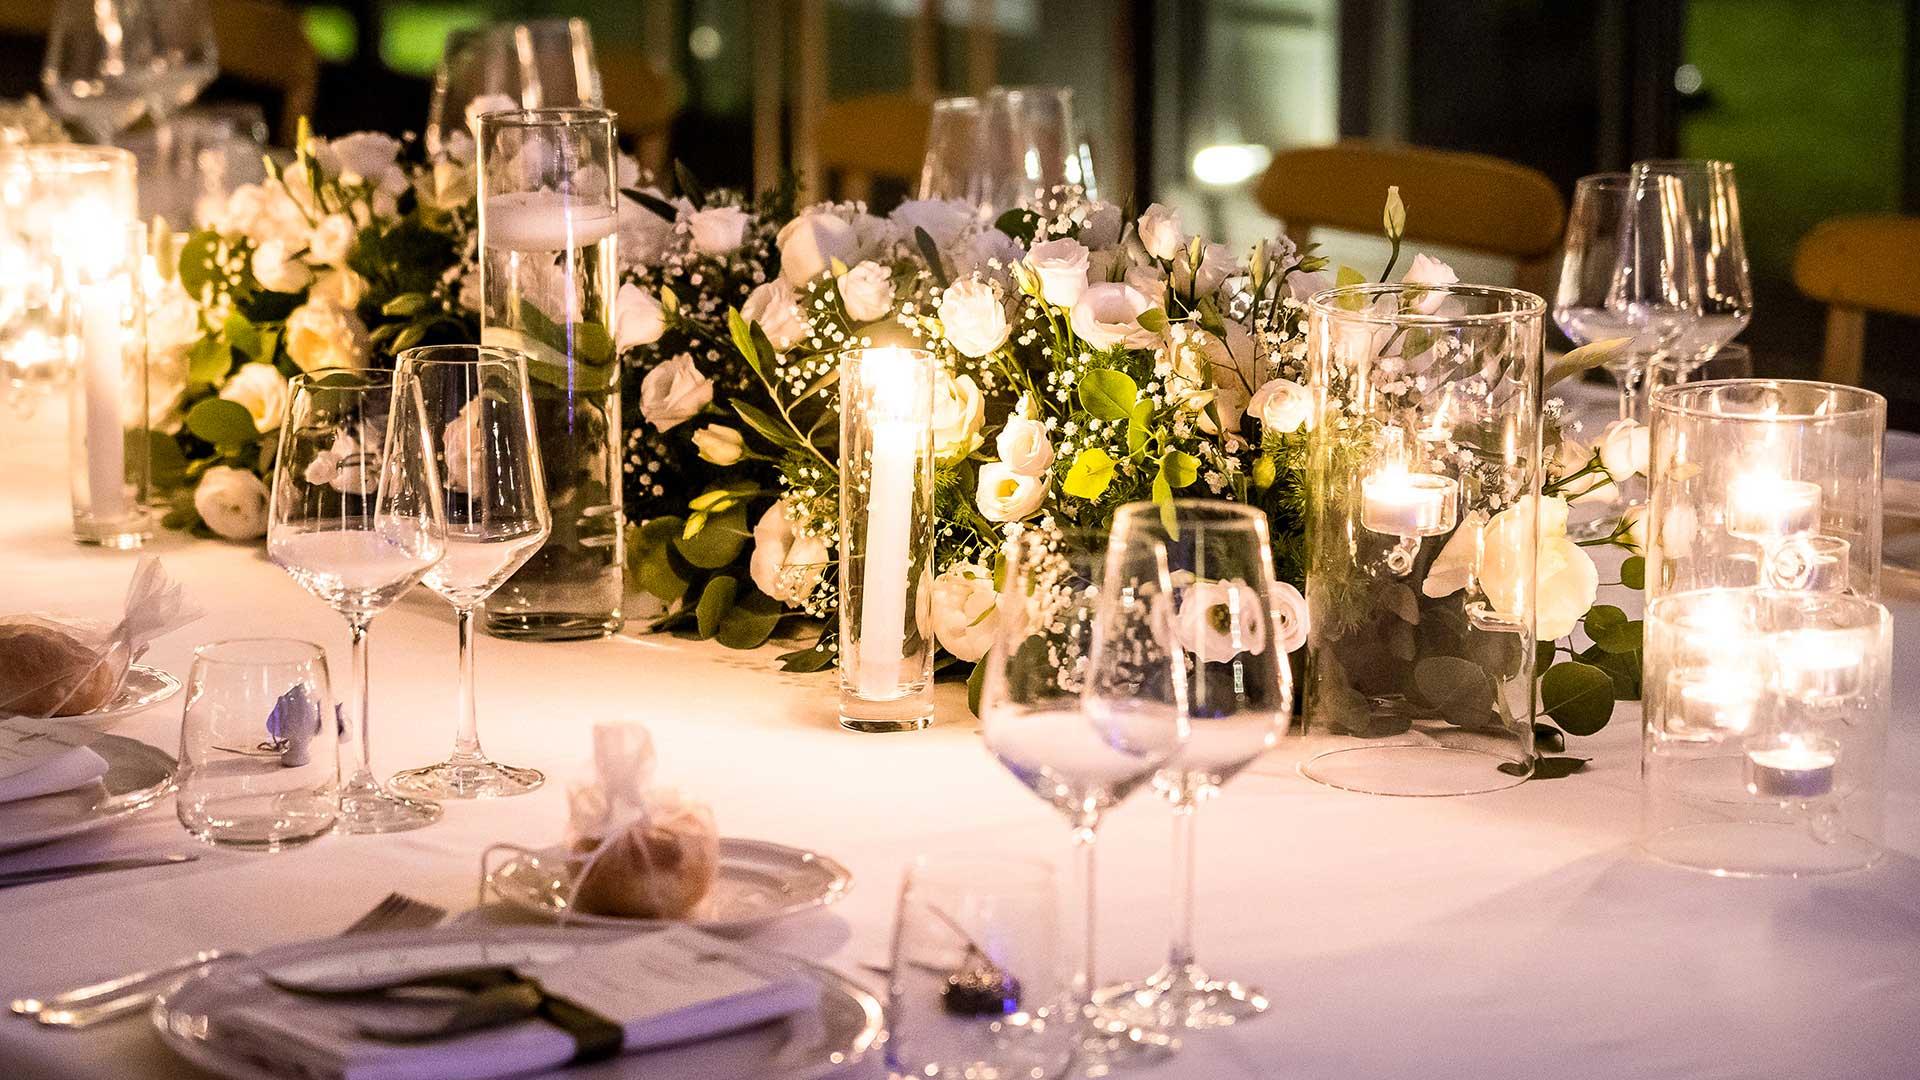 matrimonio estivo allestimento tavoli